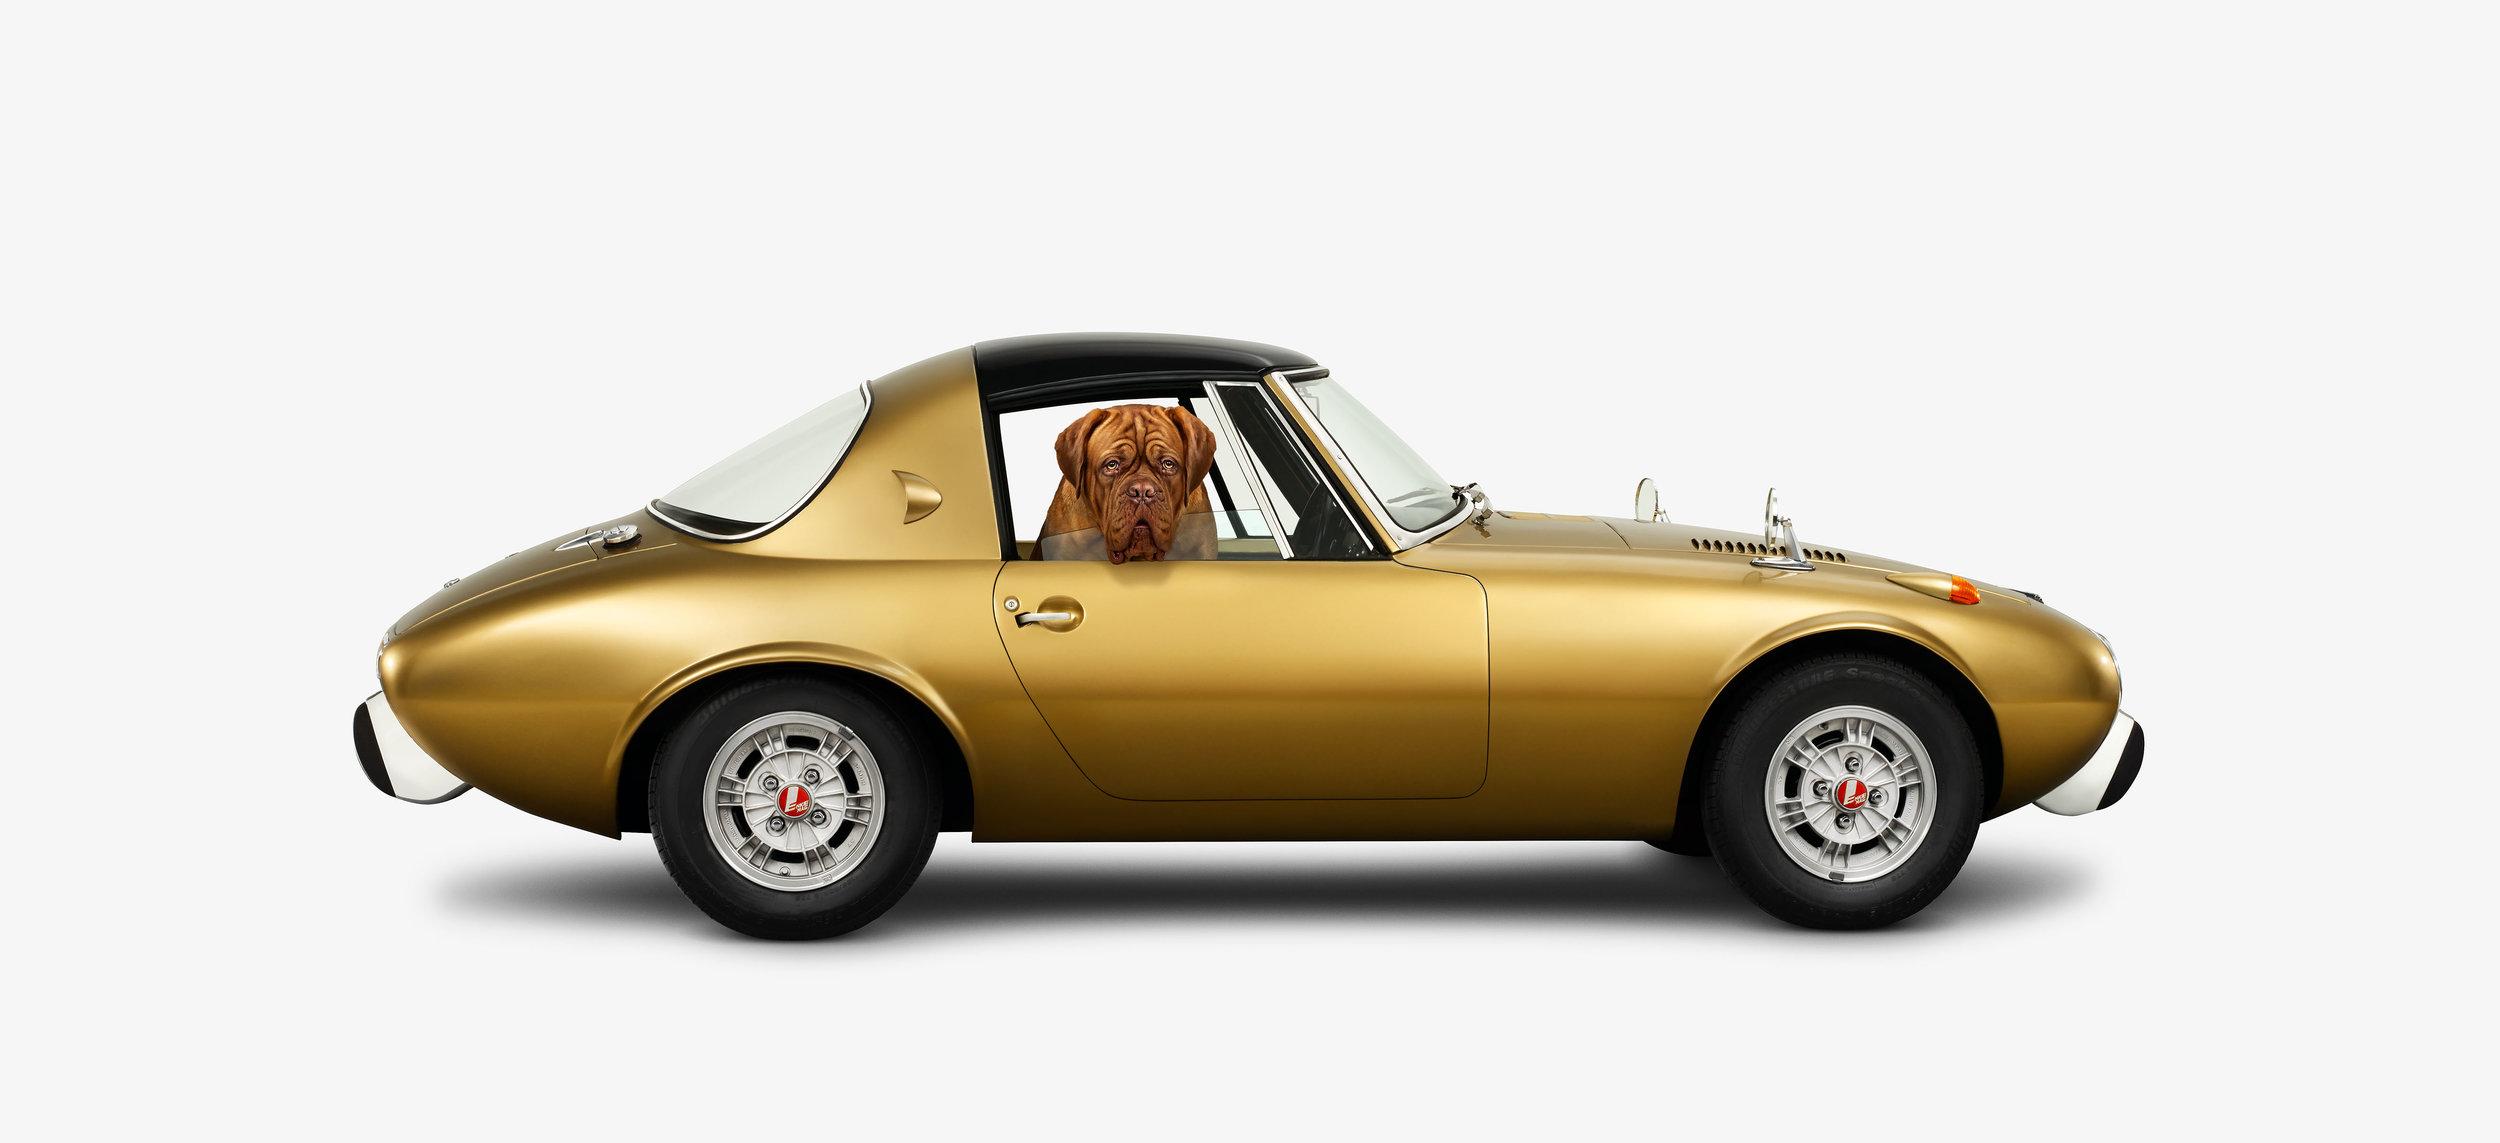 Toyota 800 & Dogue de Bordeaux side (12 x 22)